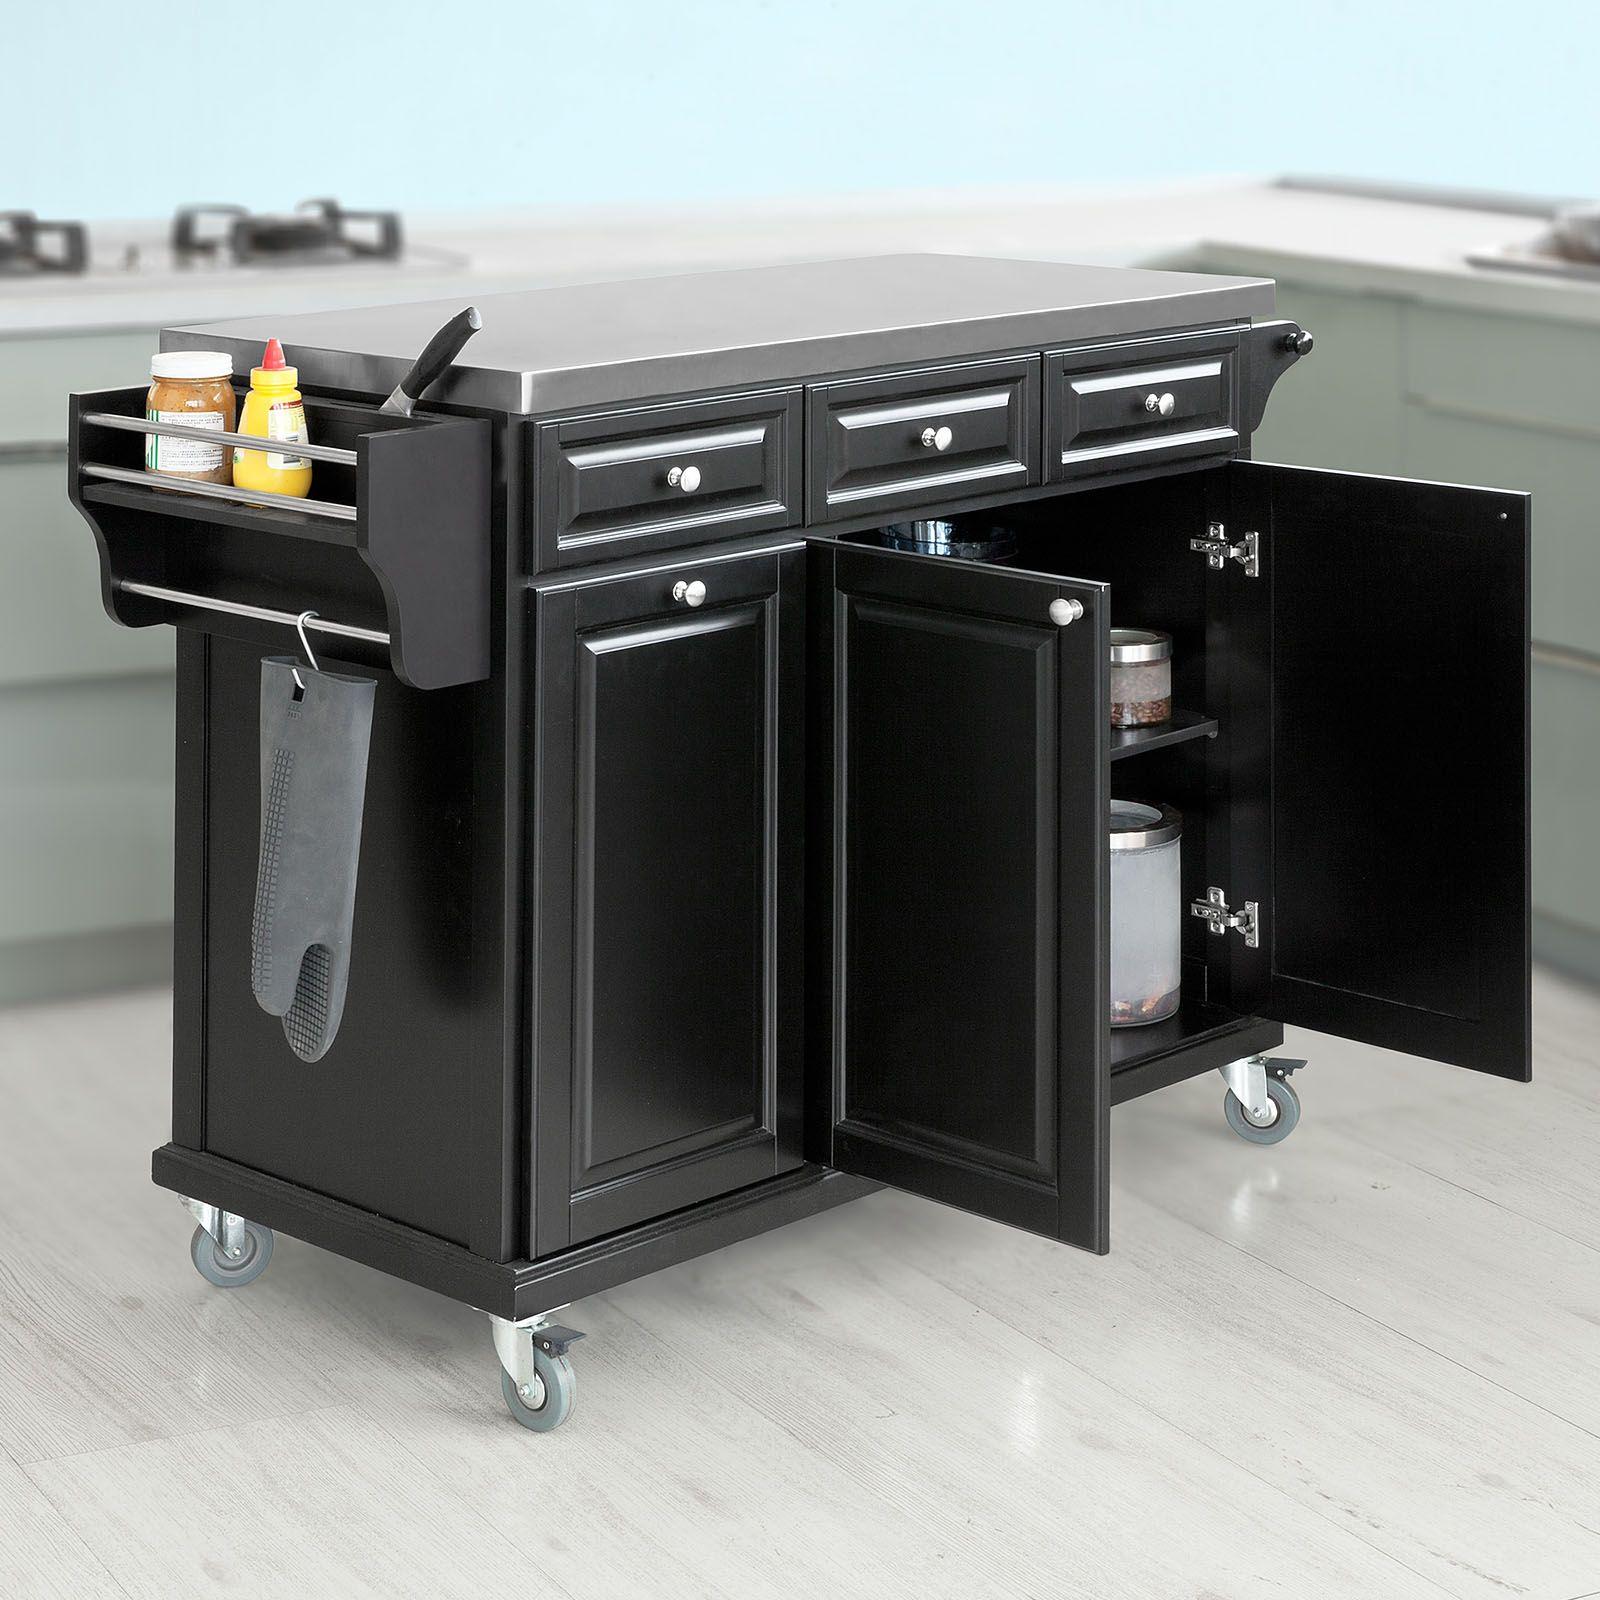 Mobiletto Per Appoggiare Microonde sobuy   carrello cucina   credenza cucina   mobile cucina